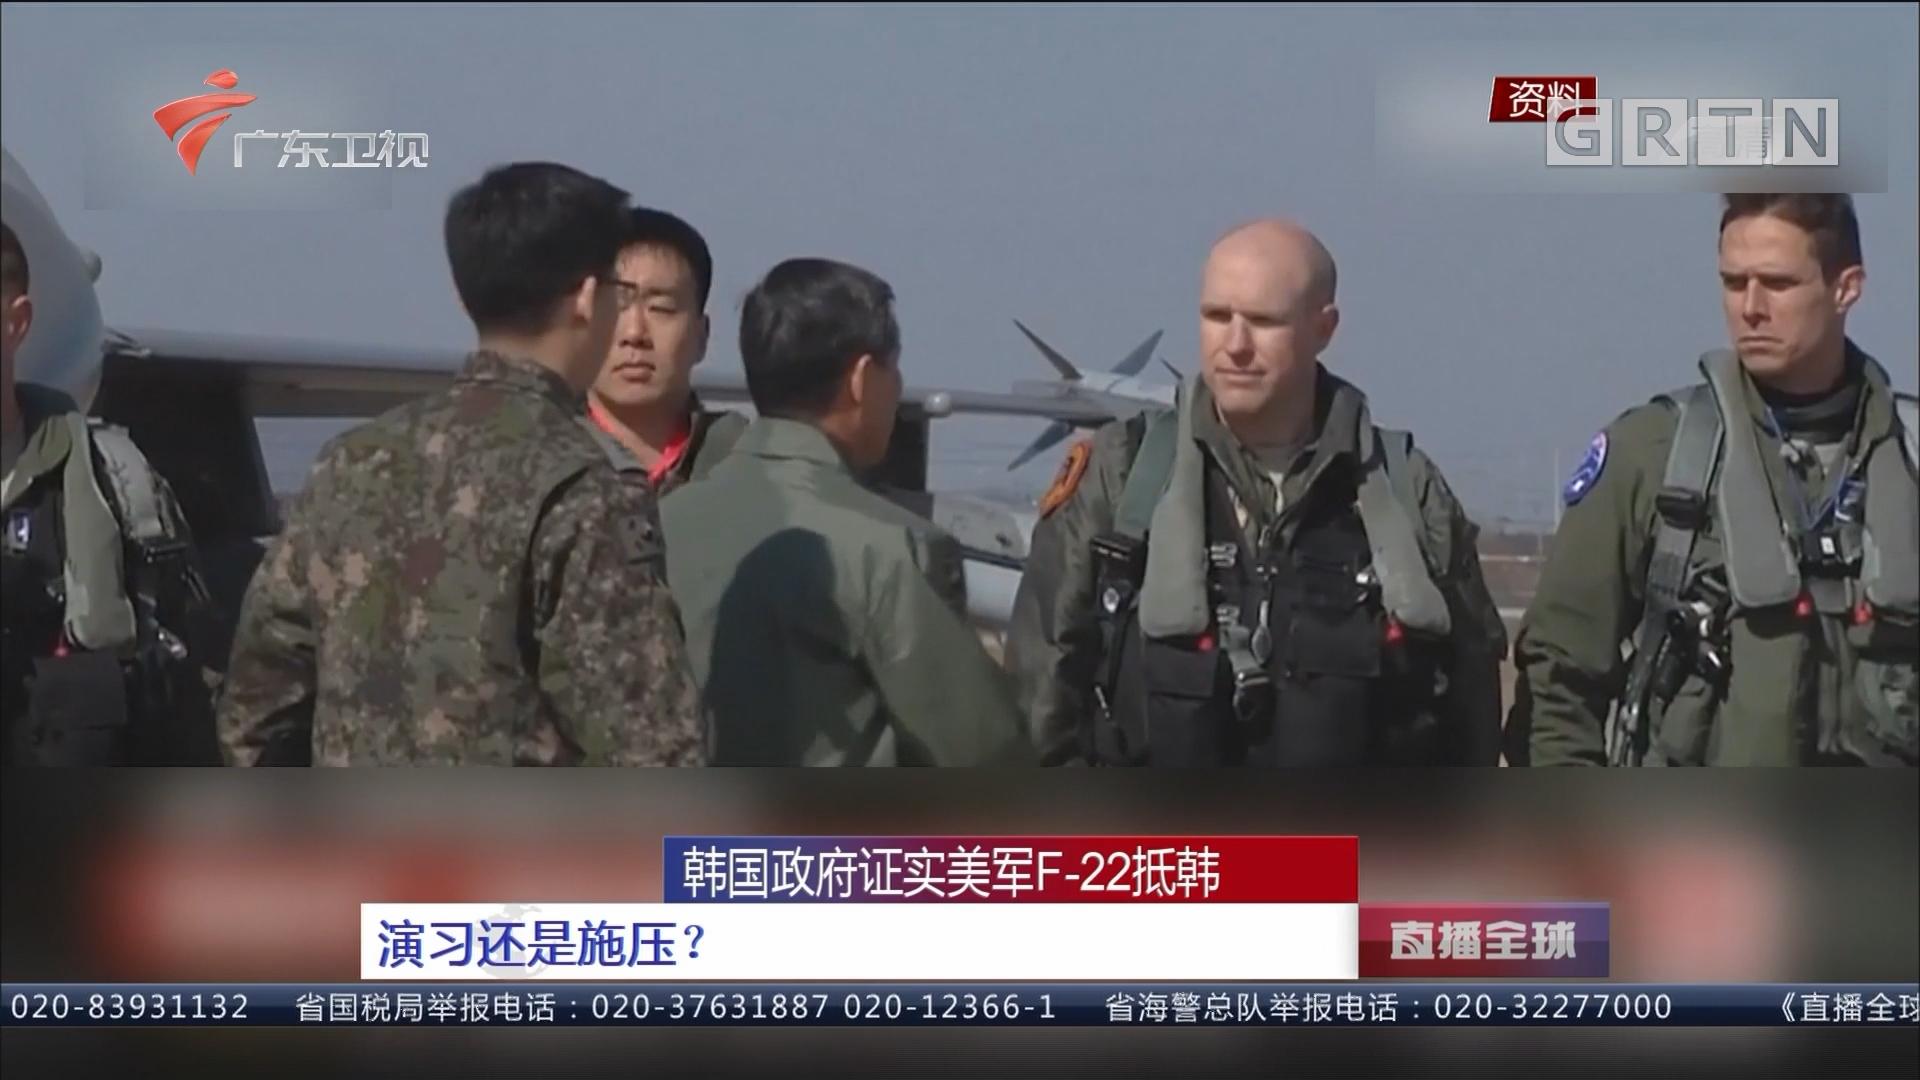 韩国政府证实美军F—22抵韩 演习还是施压?